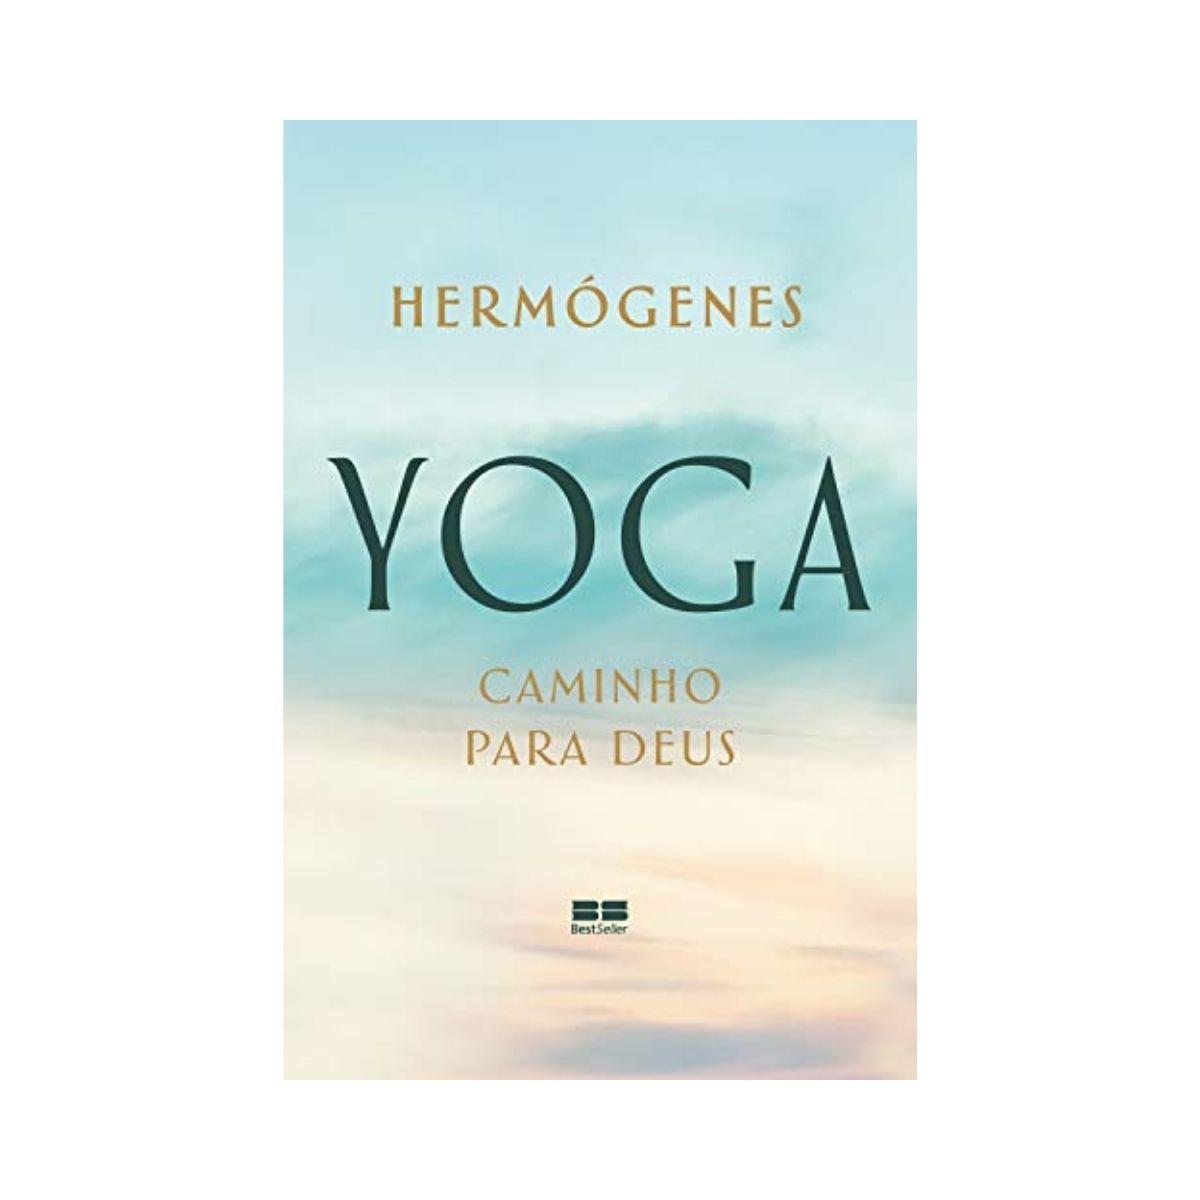 Yoga: Caminho para Deus - Hermógenes